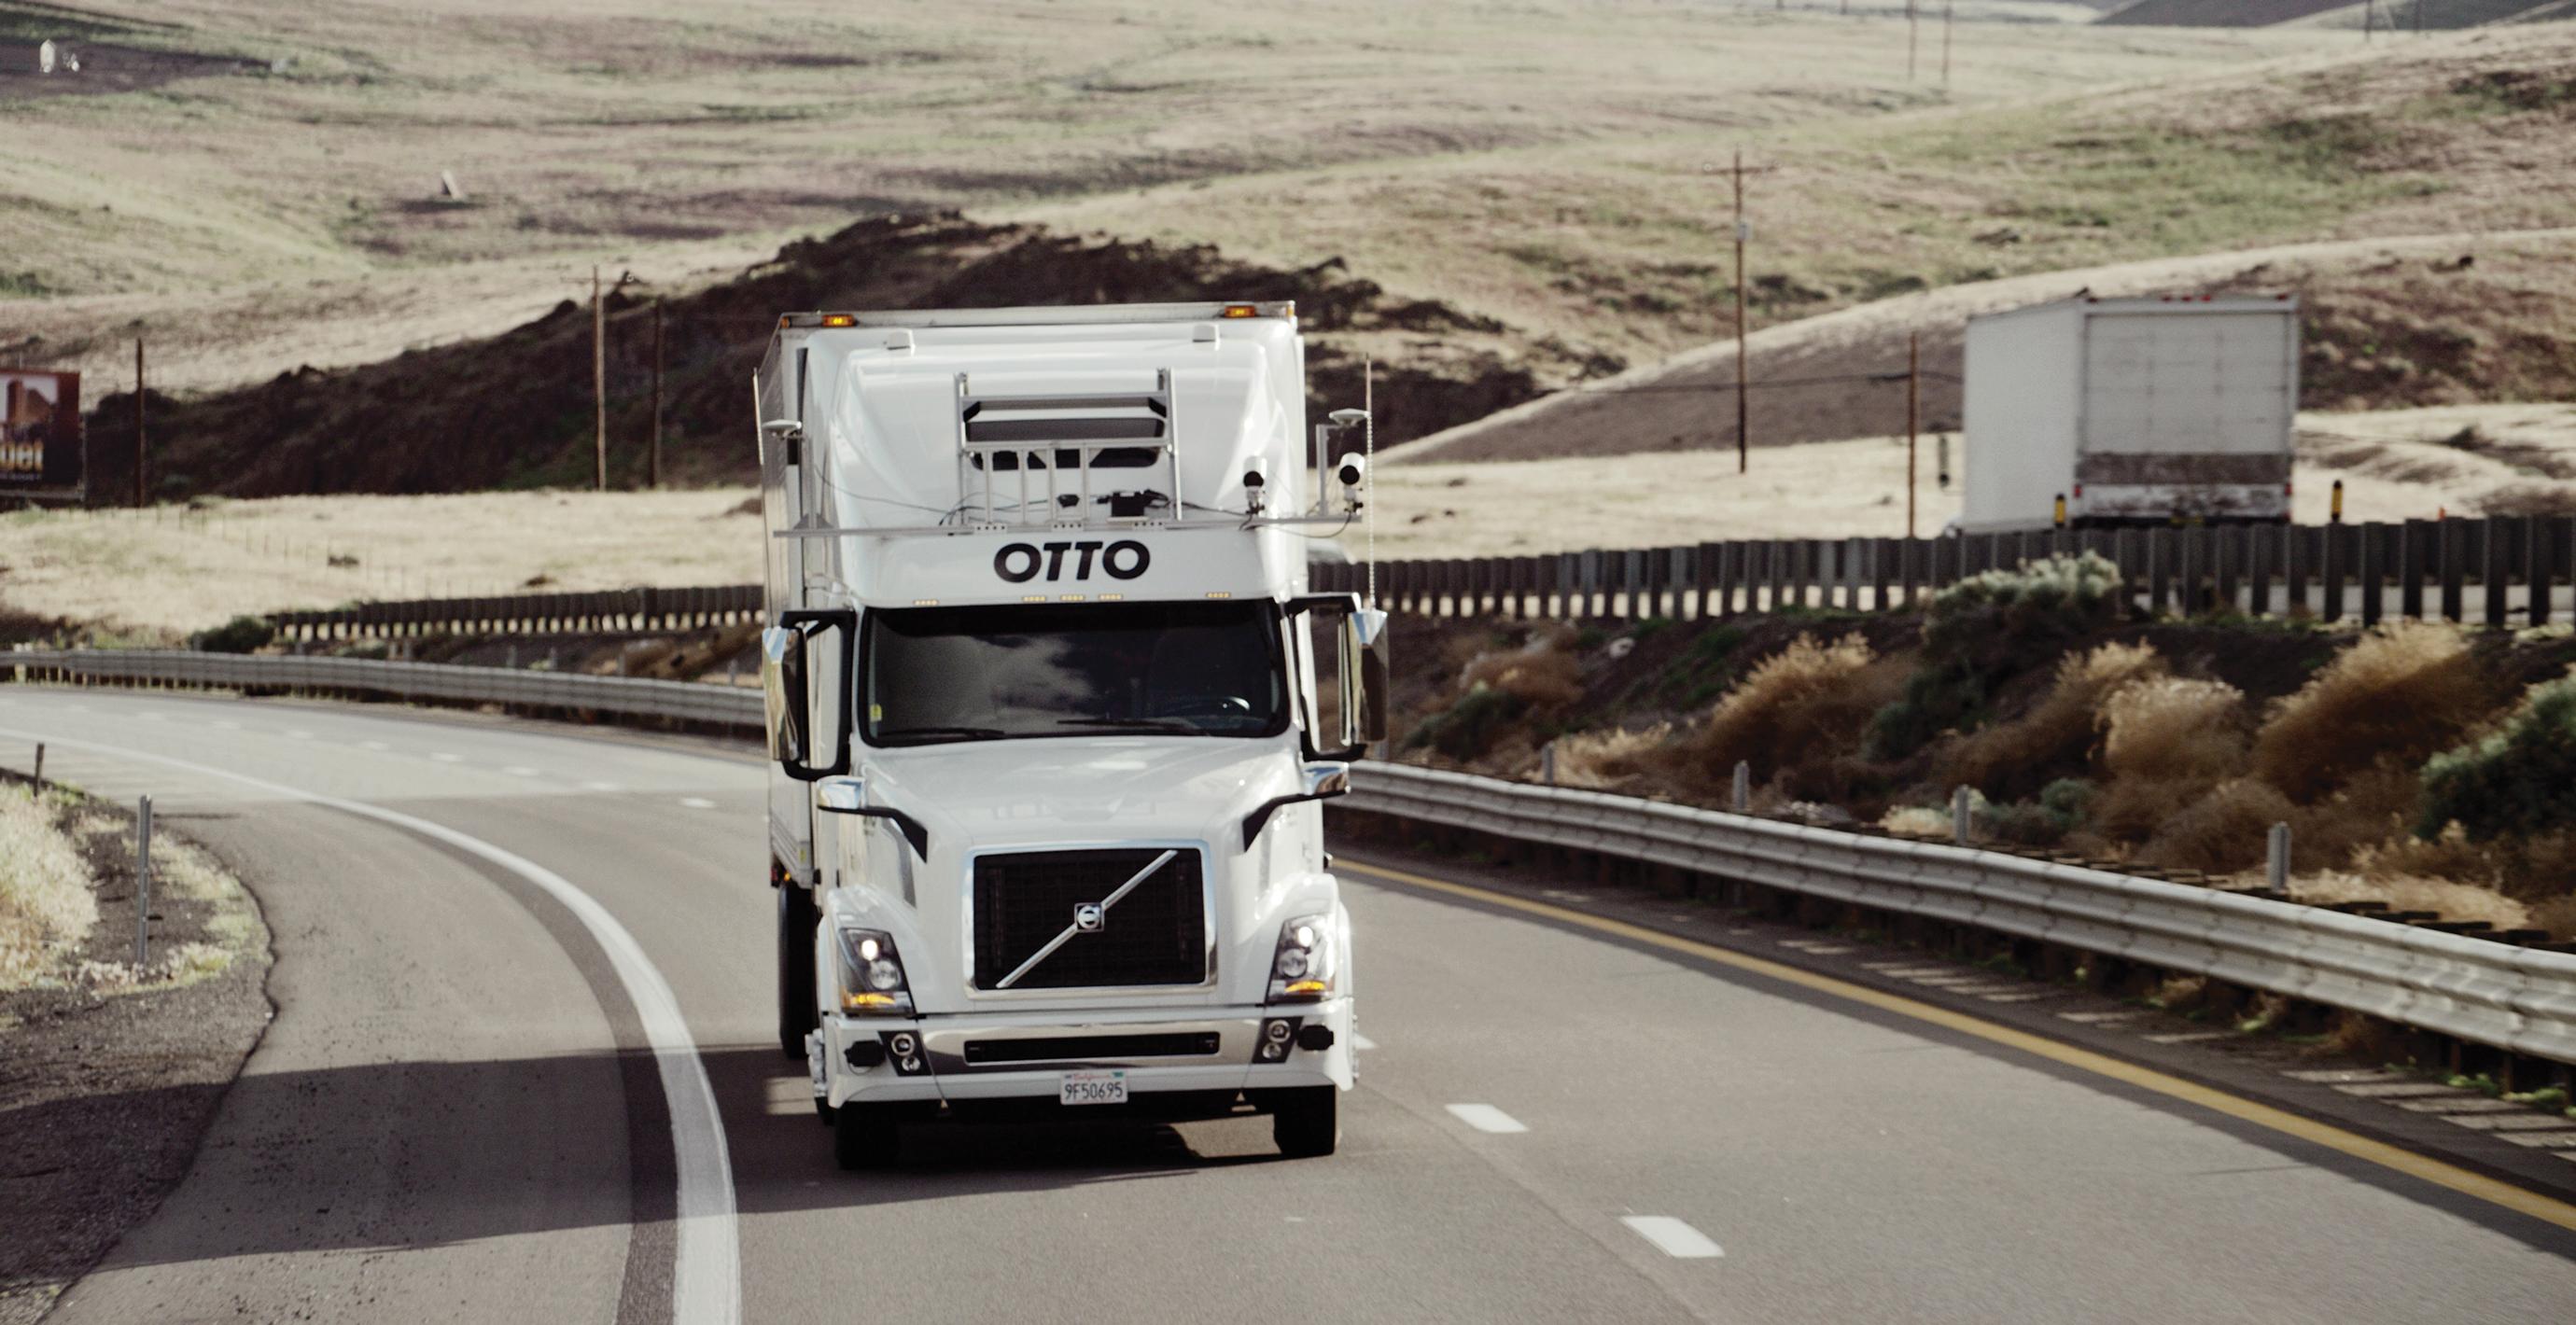 Selfdriving Trucks 10 Breakthrough Technologies 2017 Mit. Selfdriving Trucks. Volvo. Volvo Semi Truck Steering Diagram At Scoala.co